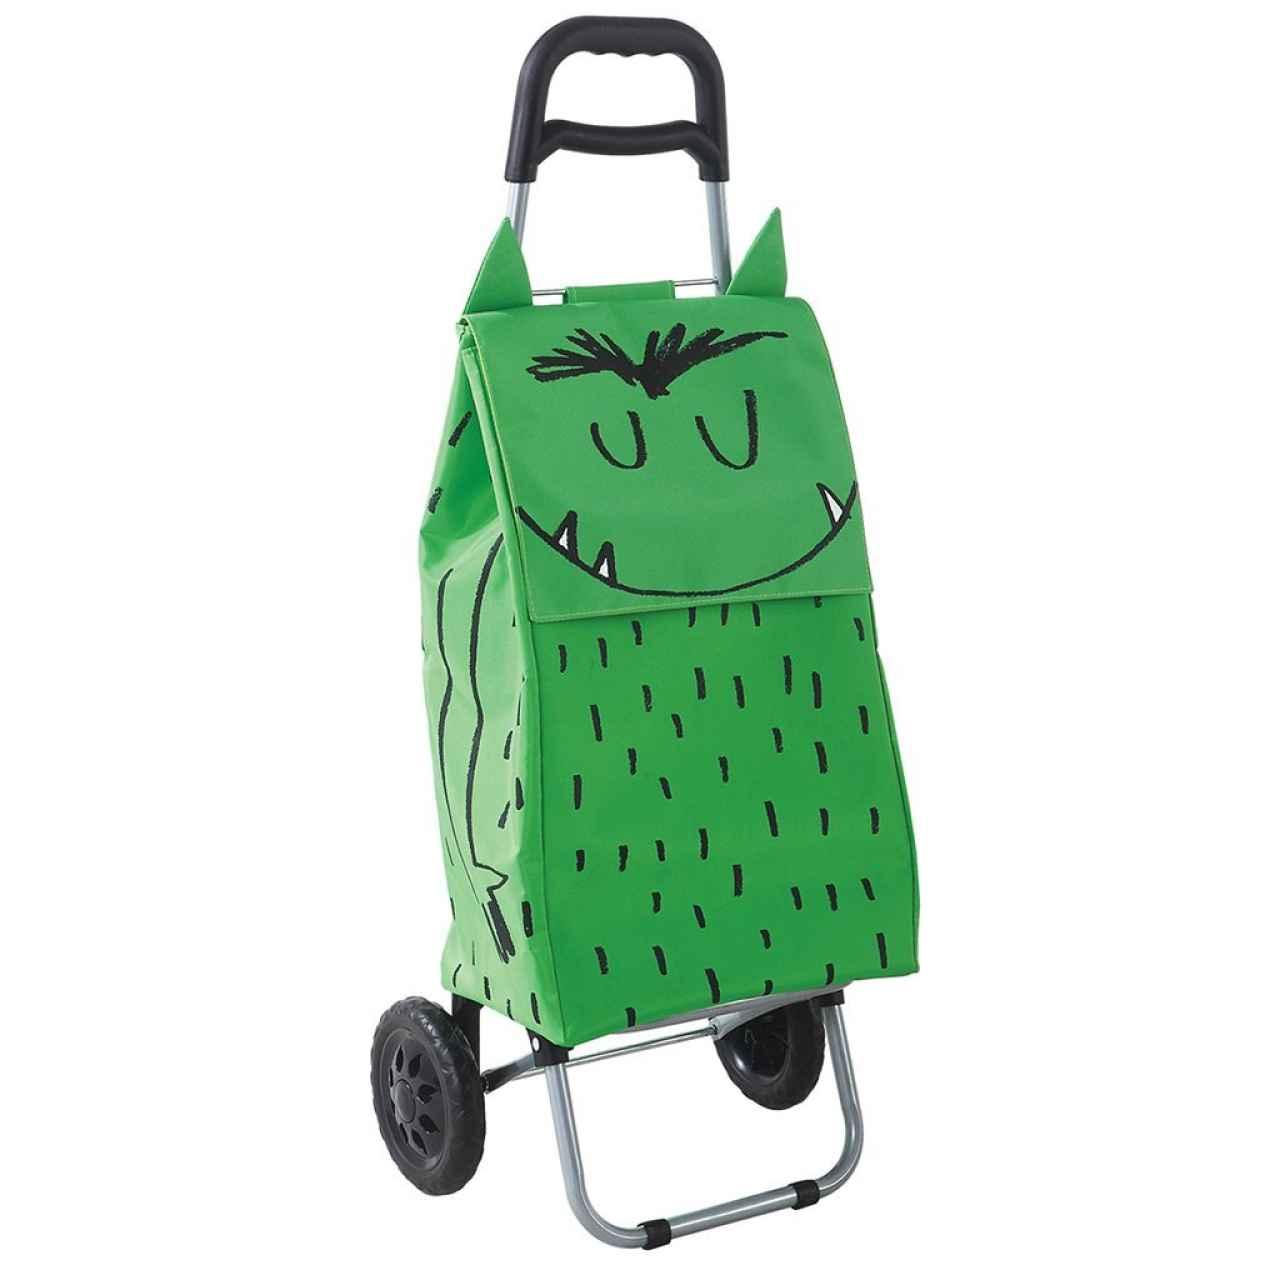 Laroom Carro Compra, Fabric y Acero Inoxidable, Verde